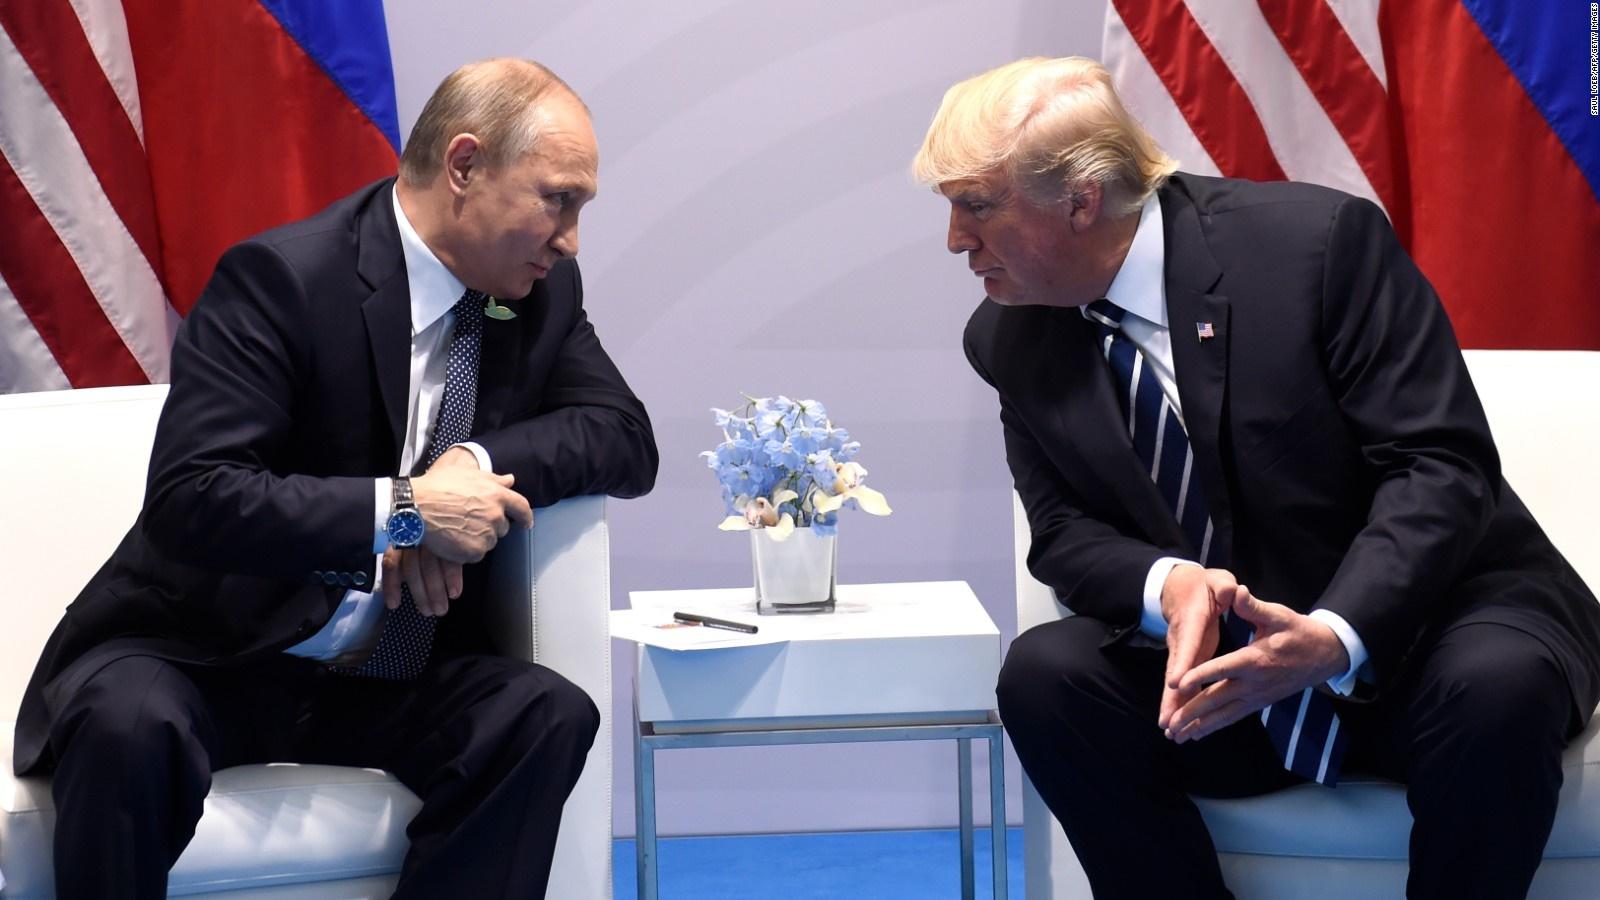 توفان دخالت روسیه در انتخابات آمریکا ادامه دارد، بایدن یا ترامپ؛ برنده کیست؟ (بخش پنجم)